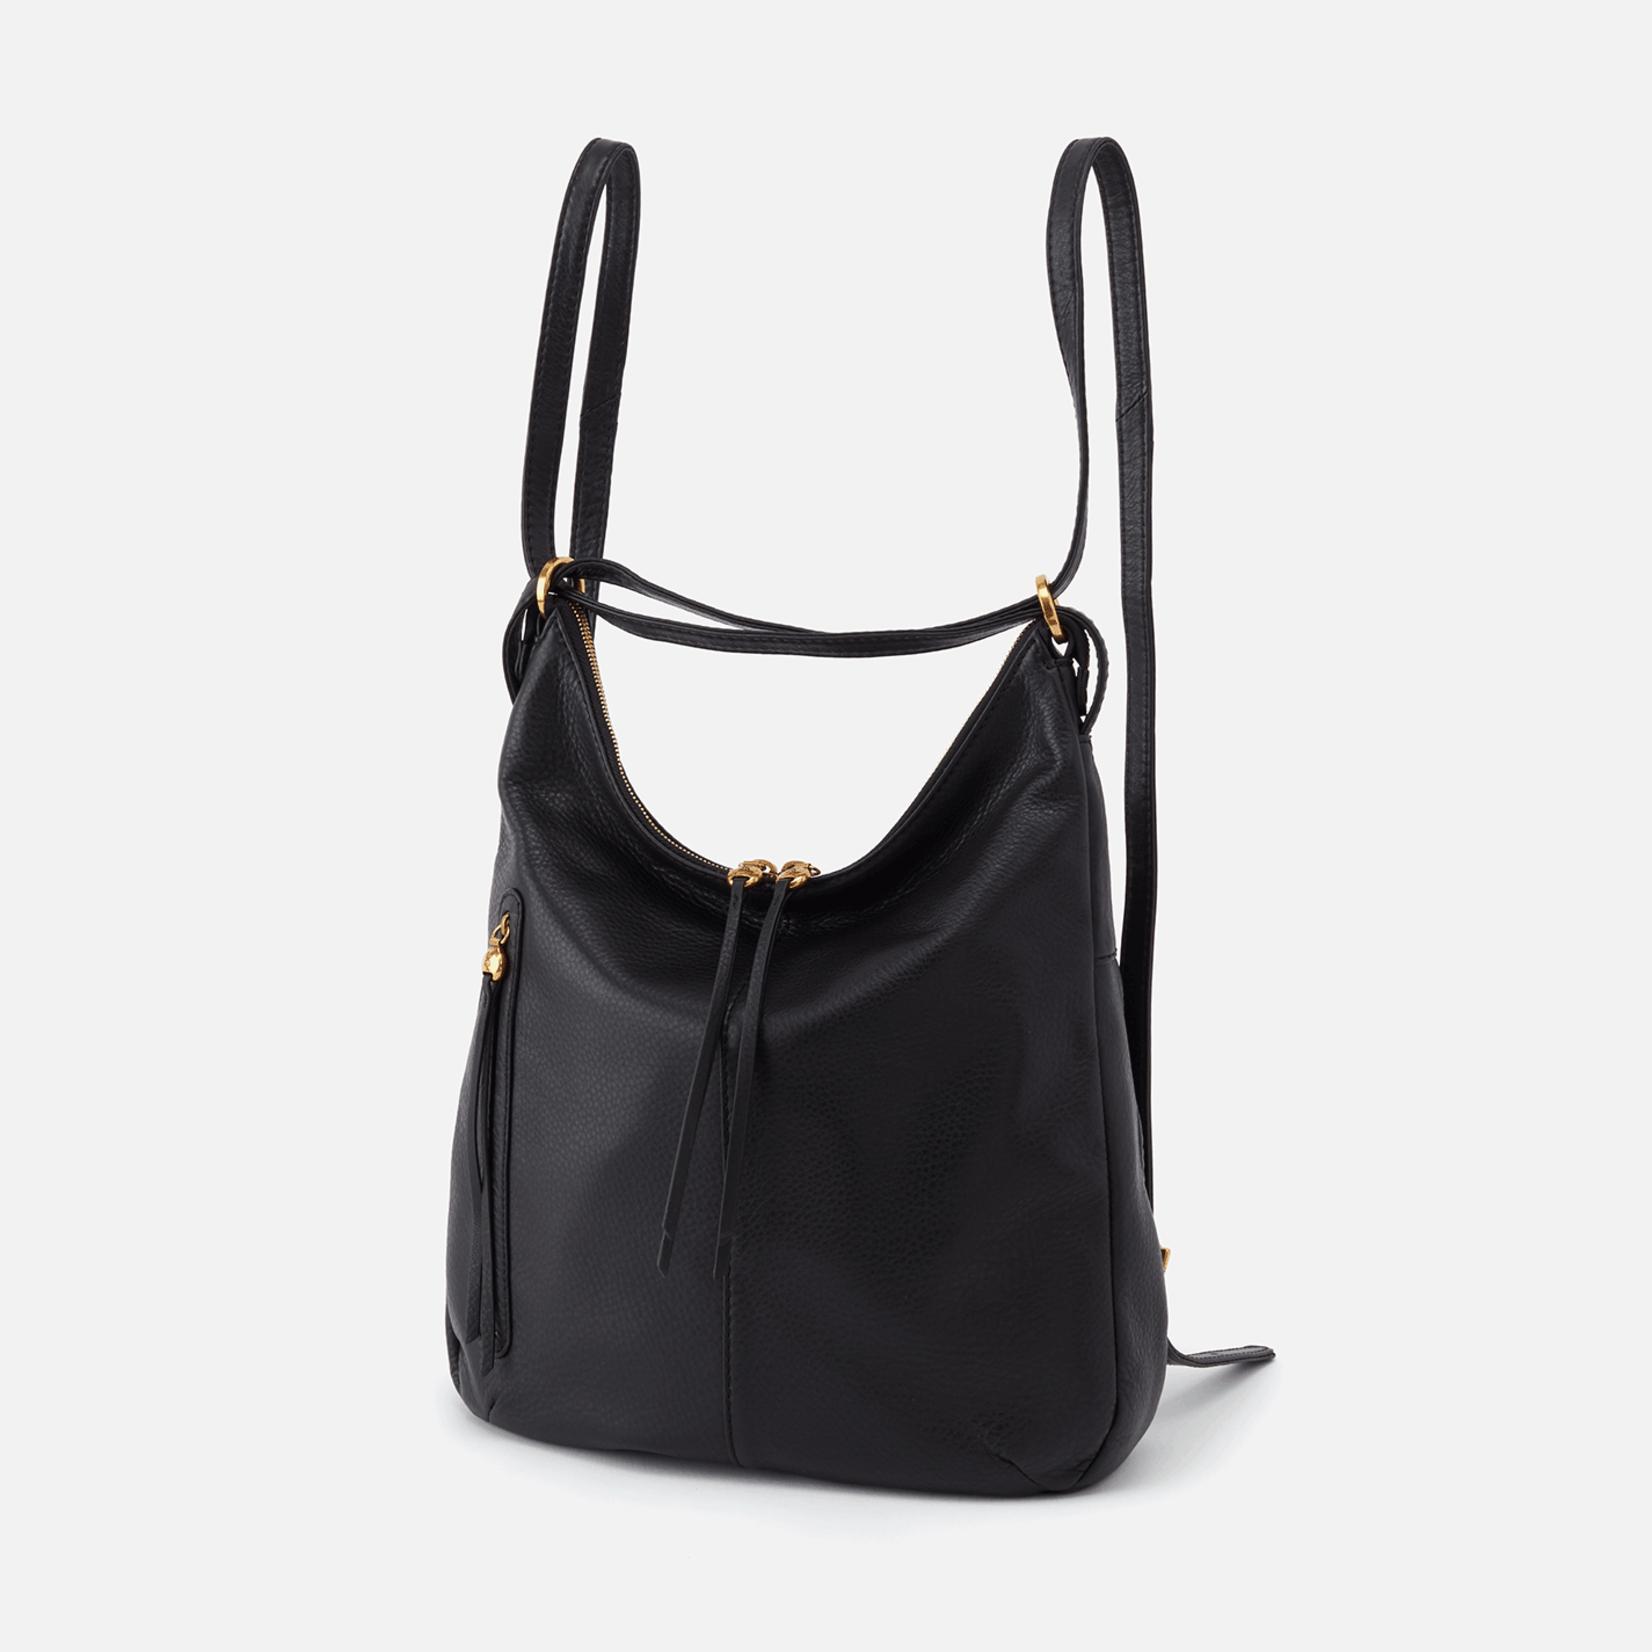 HOBO Merrin Black Pebbled Hide Leather Cnvtbl Backpack